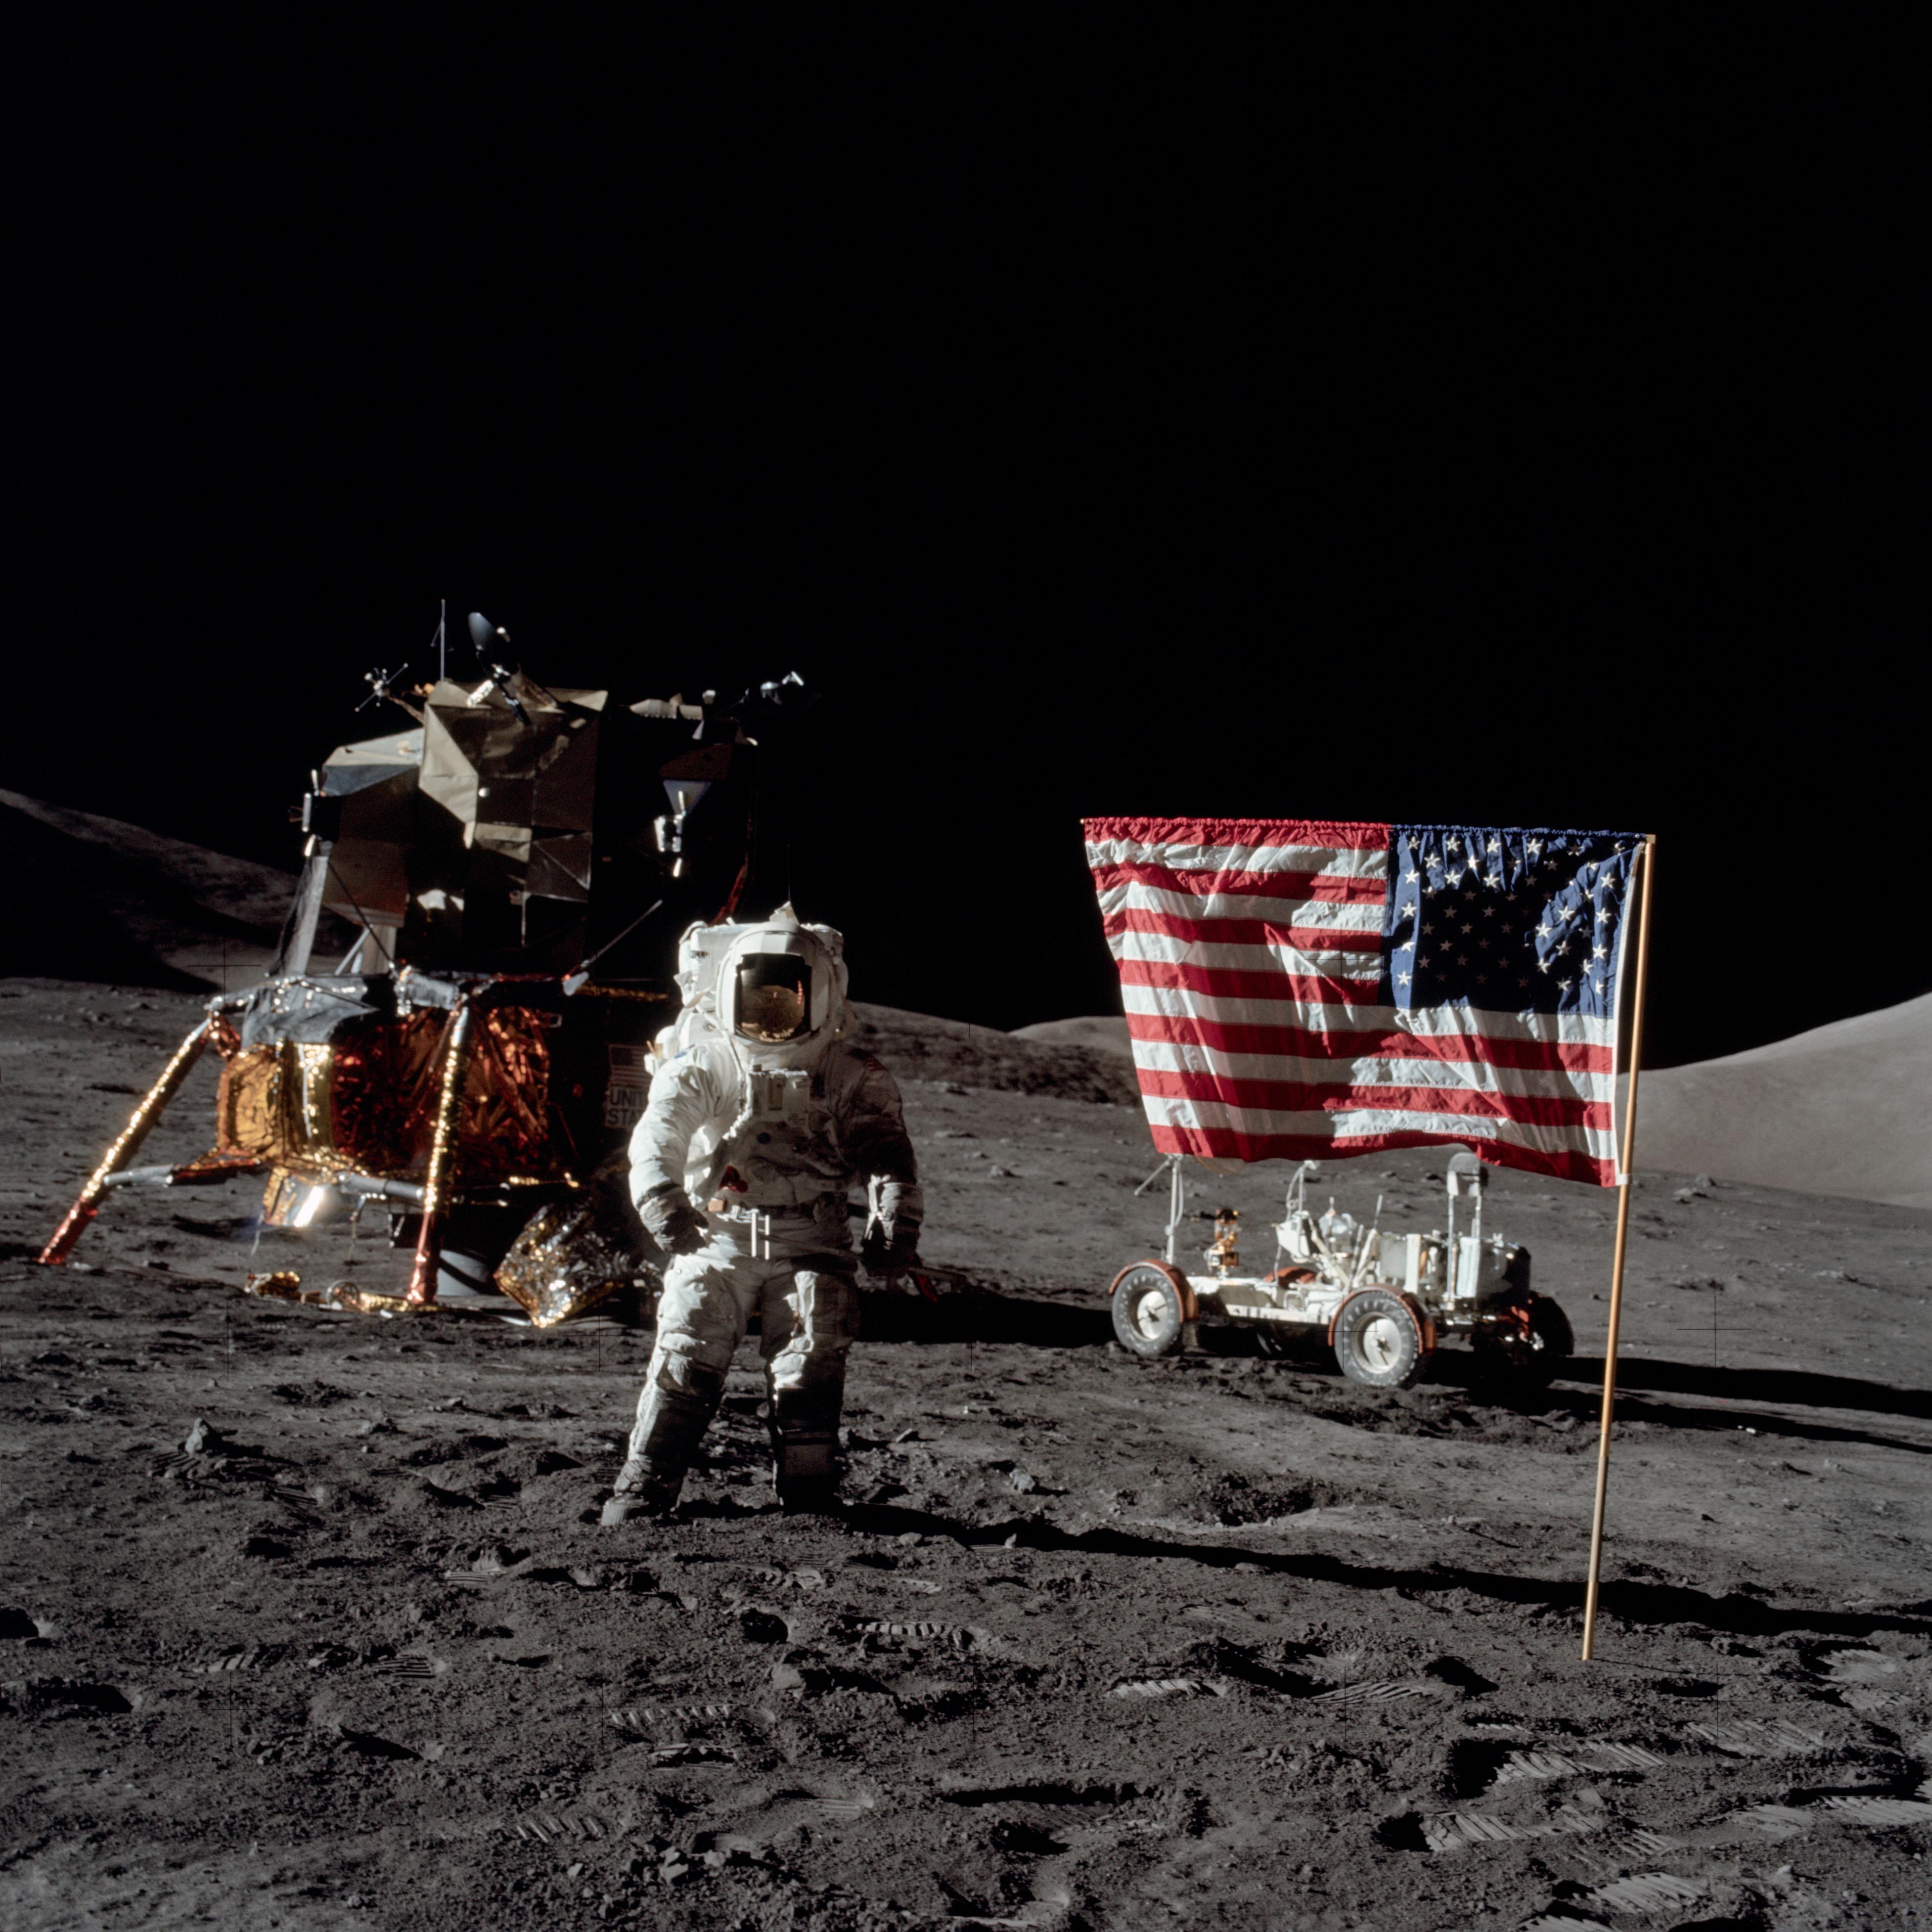 رائد فضاء هاريسون شميت يوم 13 ديسمبر عام 1972 خلال مهمة أبولو 17، وكانت آخر بعثة للهبوط على سطح القمر حتى الآن.